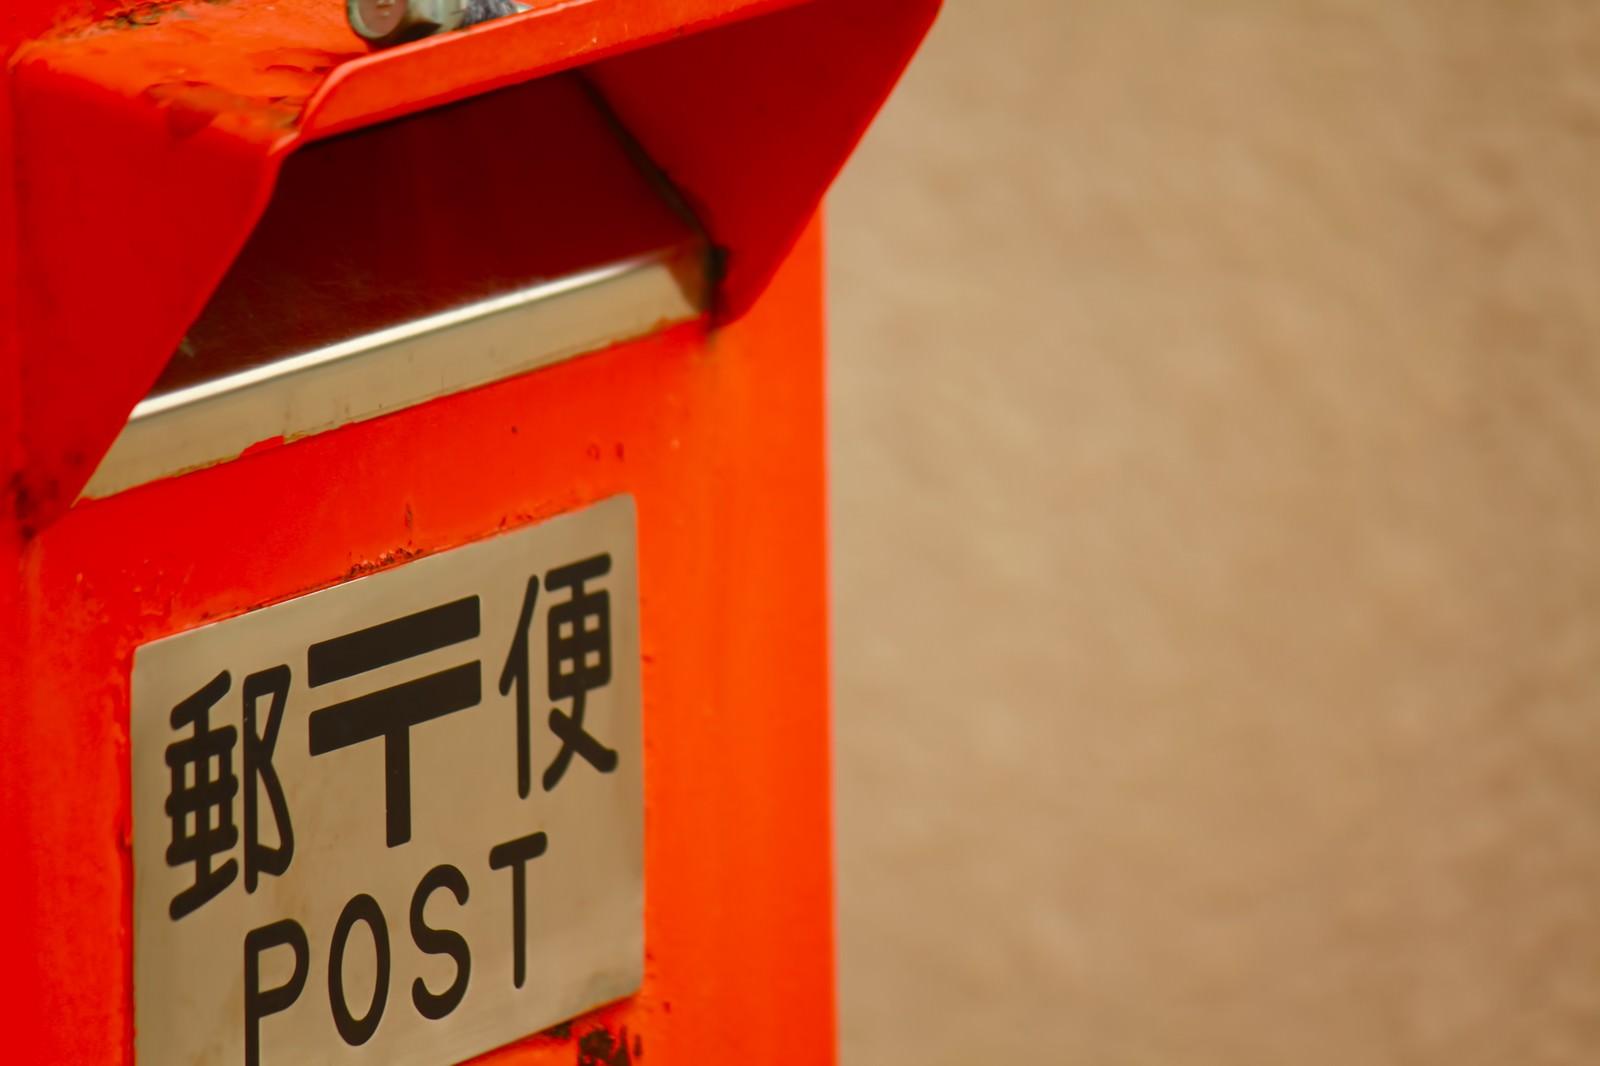 「街角の赤い郵便ポスト街角の赤い郵便ポスト」のフリー写真素材を拡大